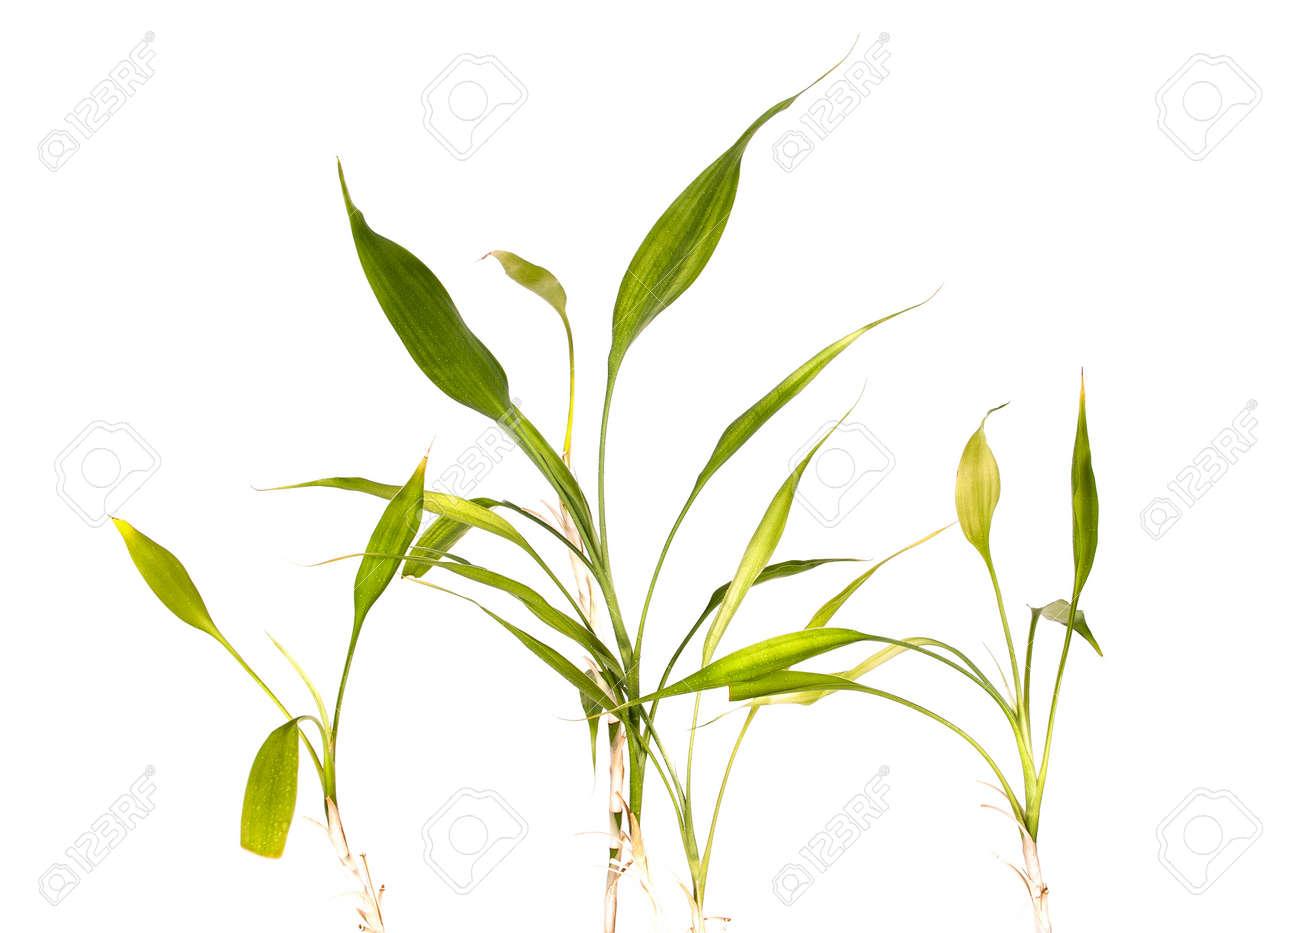 Steli Di Bamb.Steli Di Bambu Foglie Germogli E Vecchio Di Crescita Isolamento Bianco